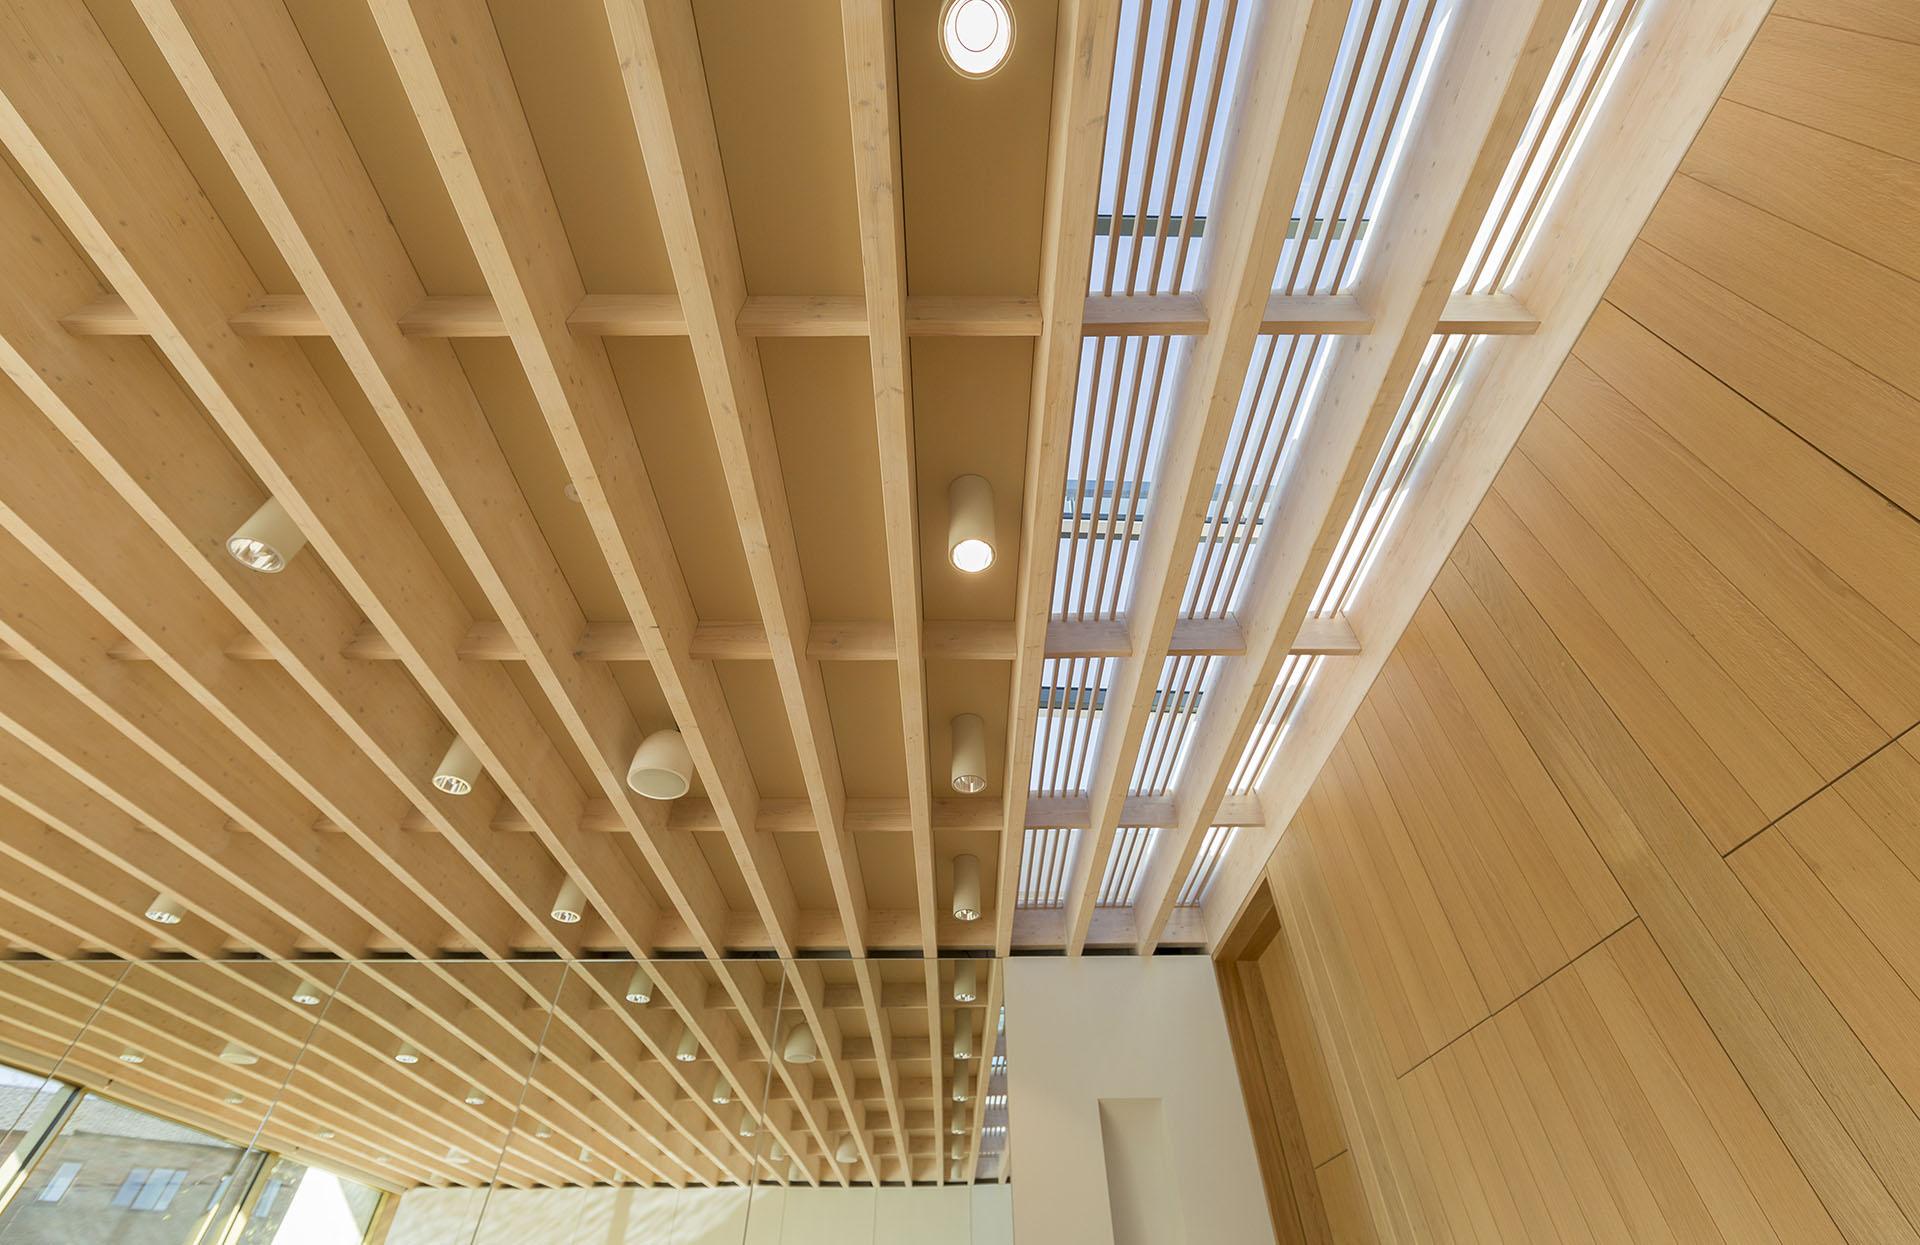 Internal detail of roof light well